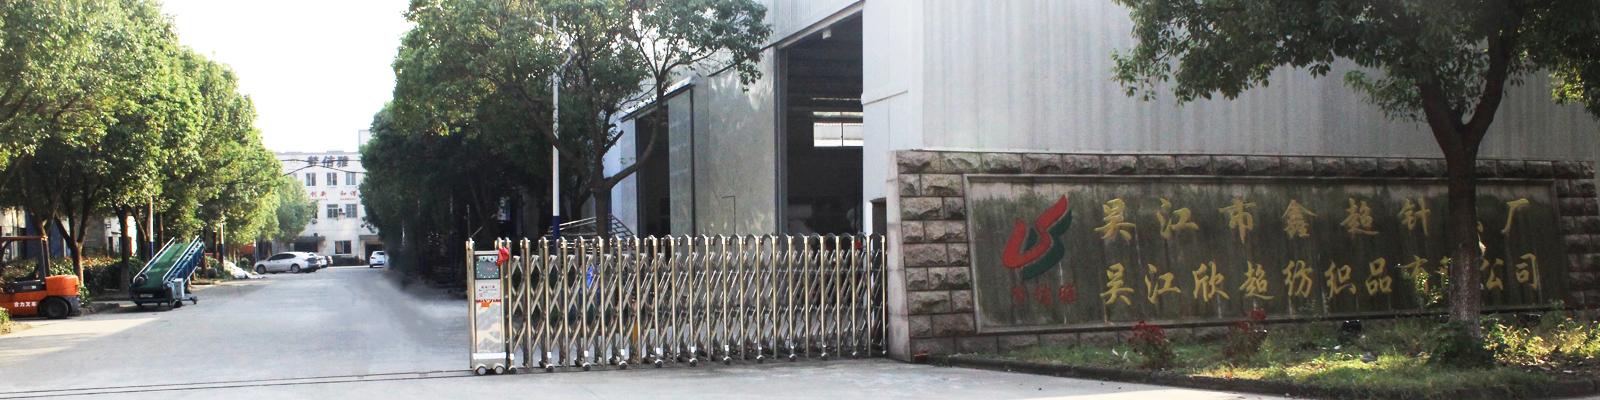 吴江市鑫超针织厂